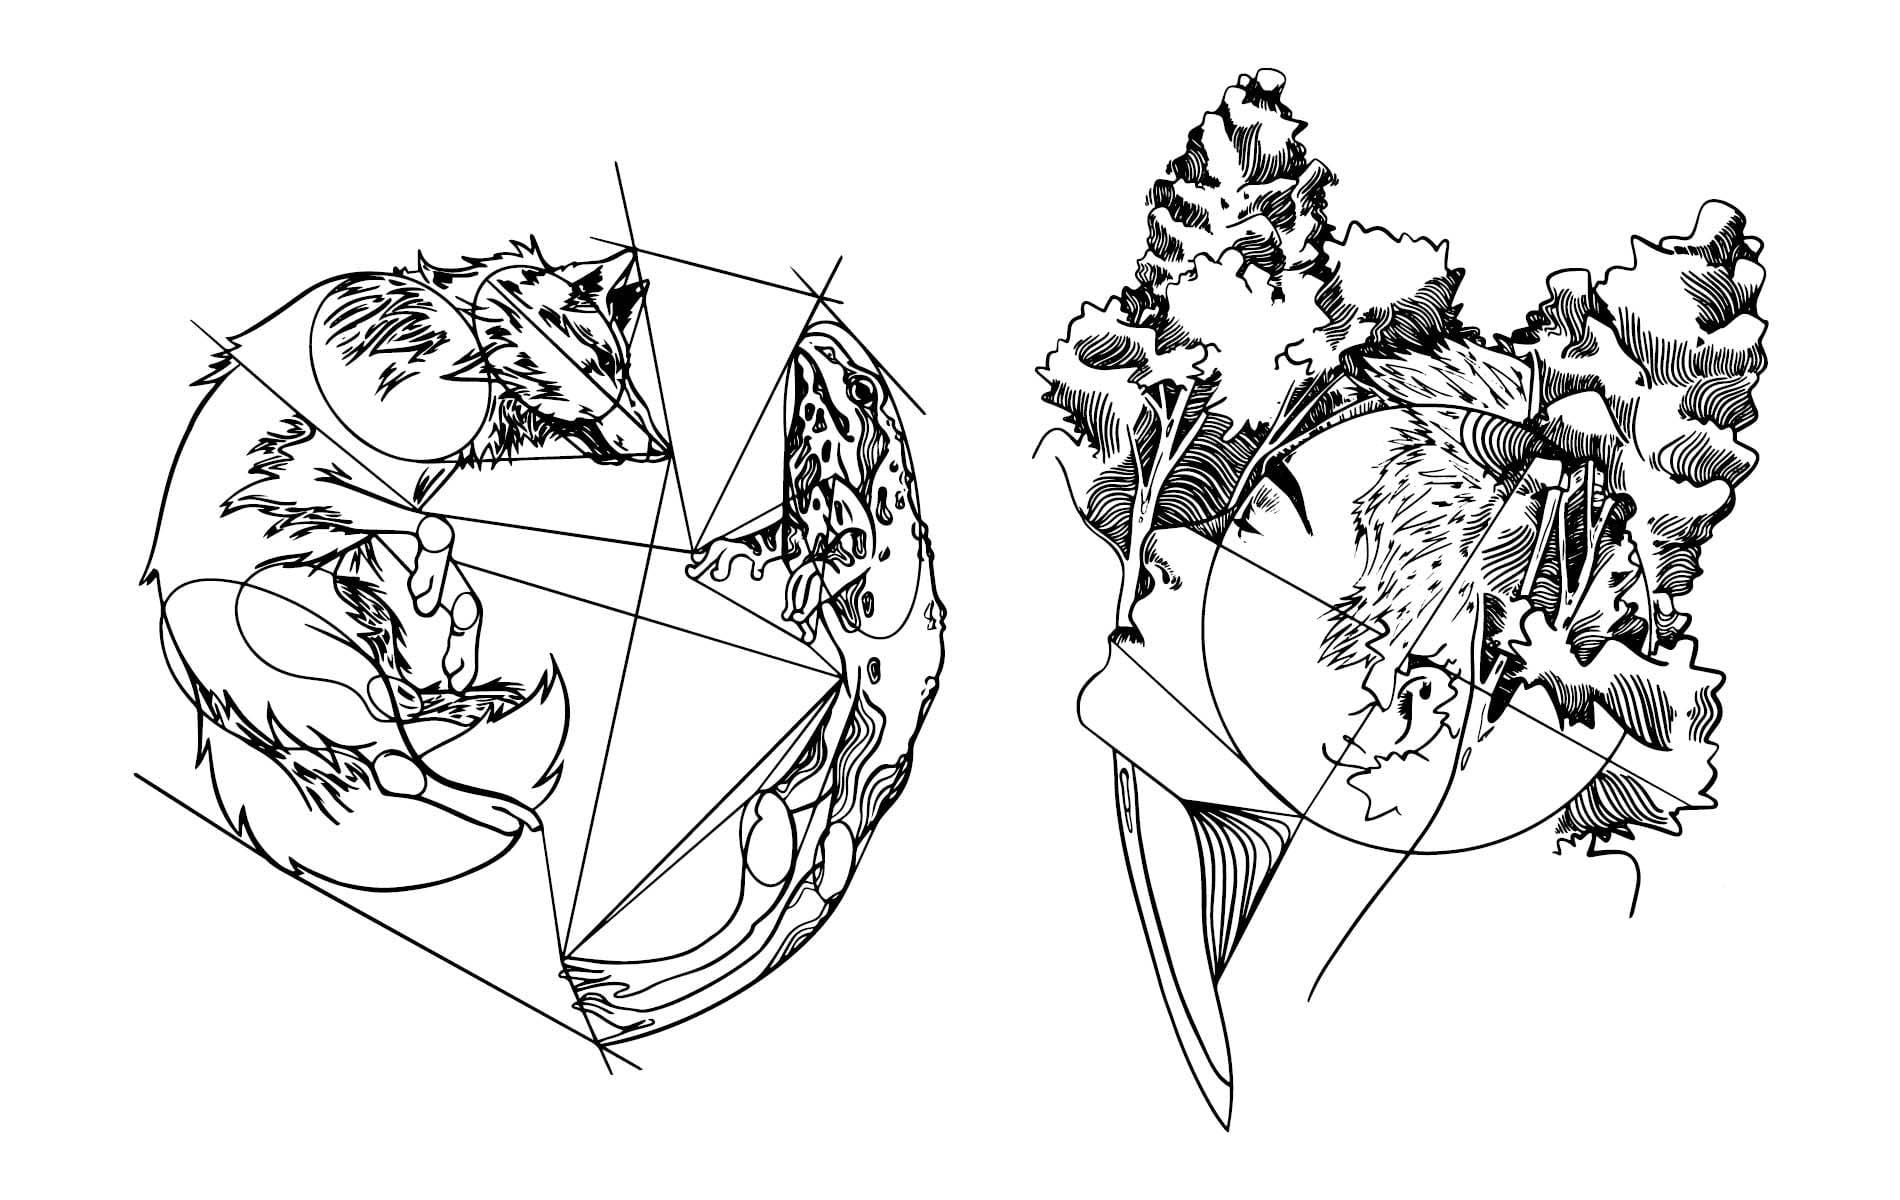 Skizze von Fuchs, Frosch, Gesicht und Bäume